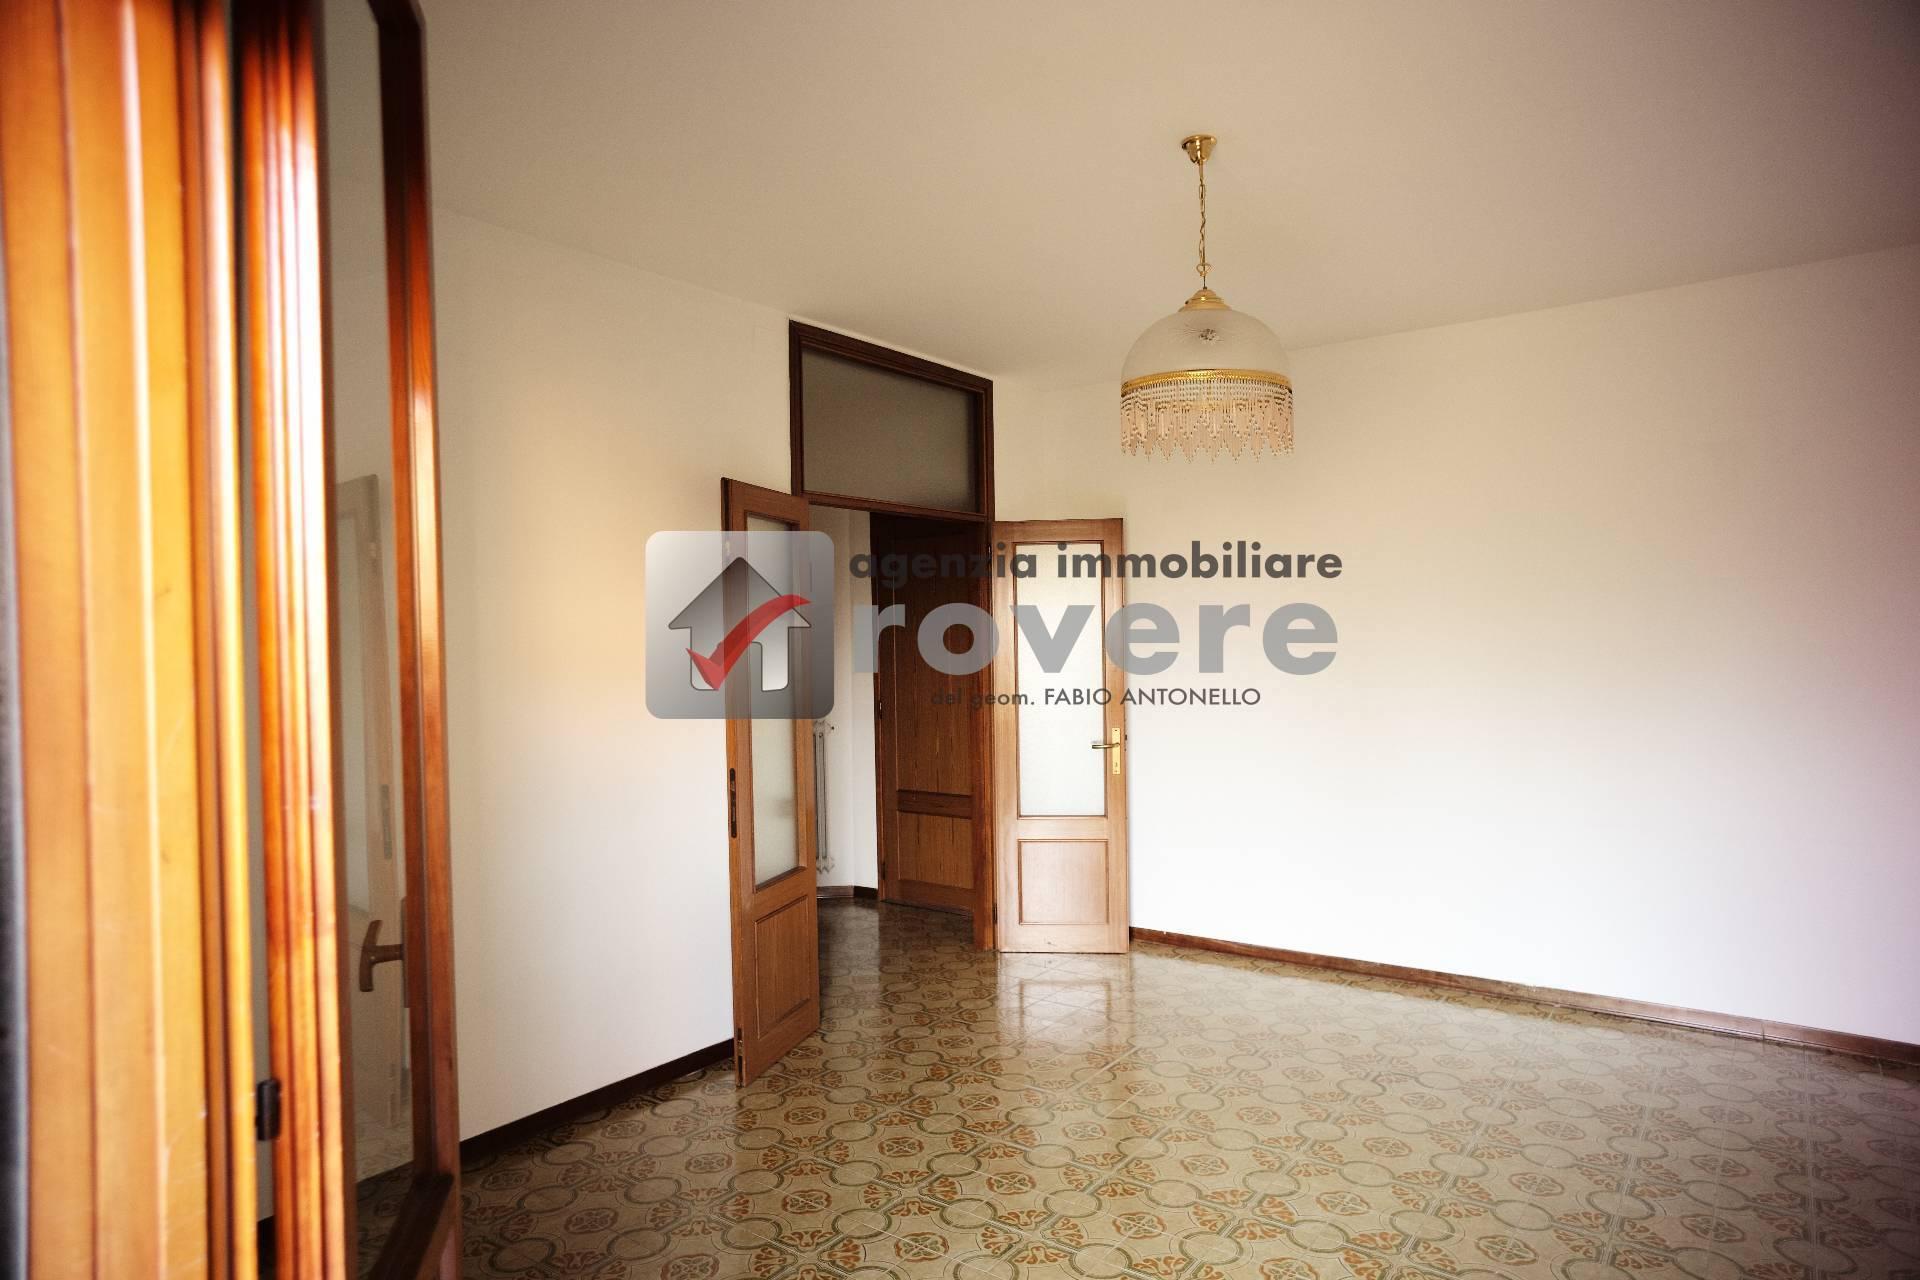 Appartamento in vendita a Treviso, 4 locali, zona Località: S.MariadelRovere, prezzo € 80.000   PortaleAgenzieImmobiliari.it